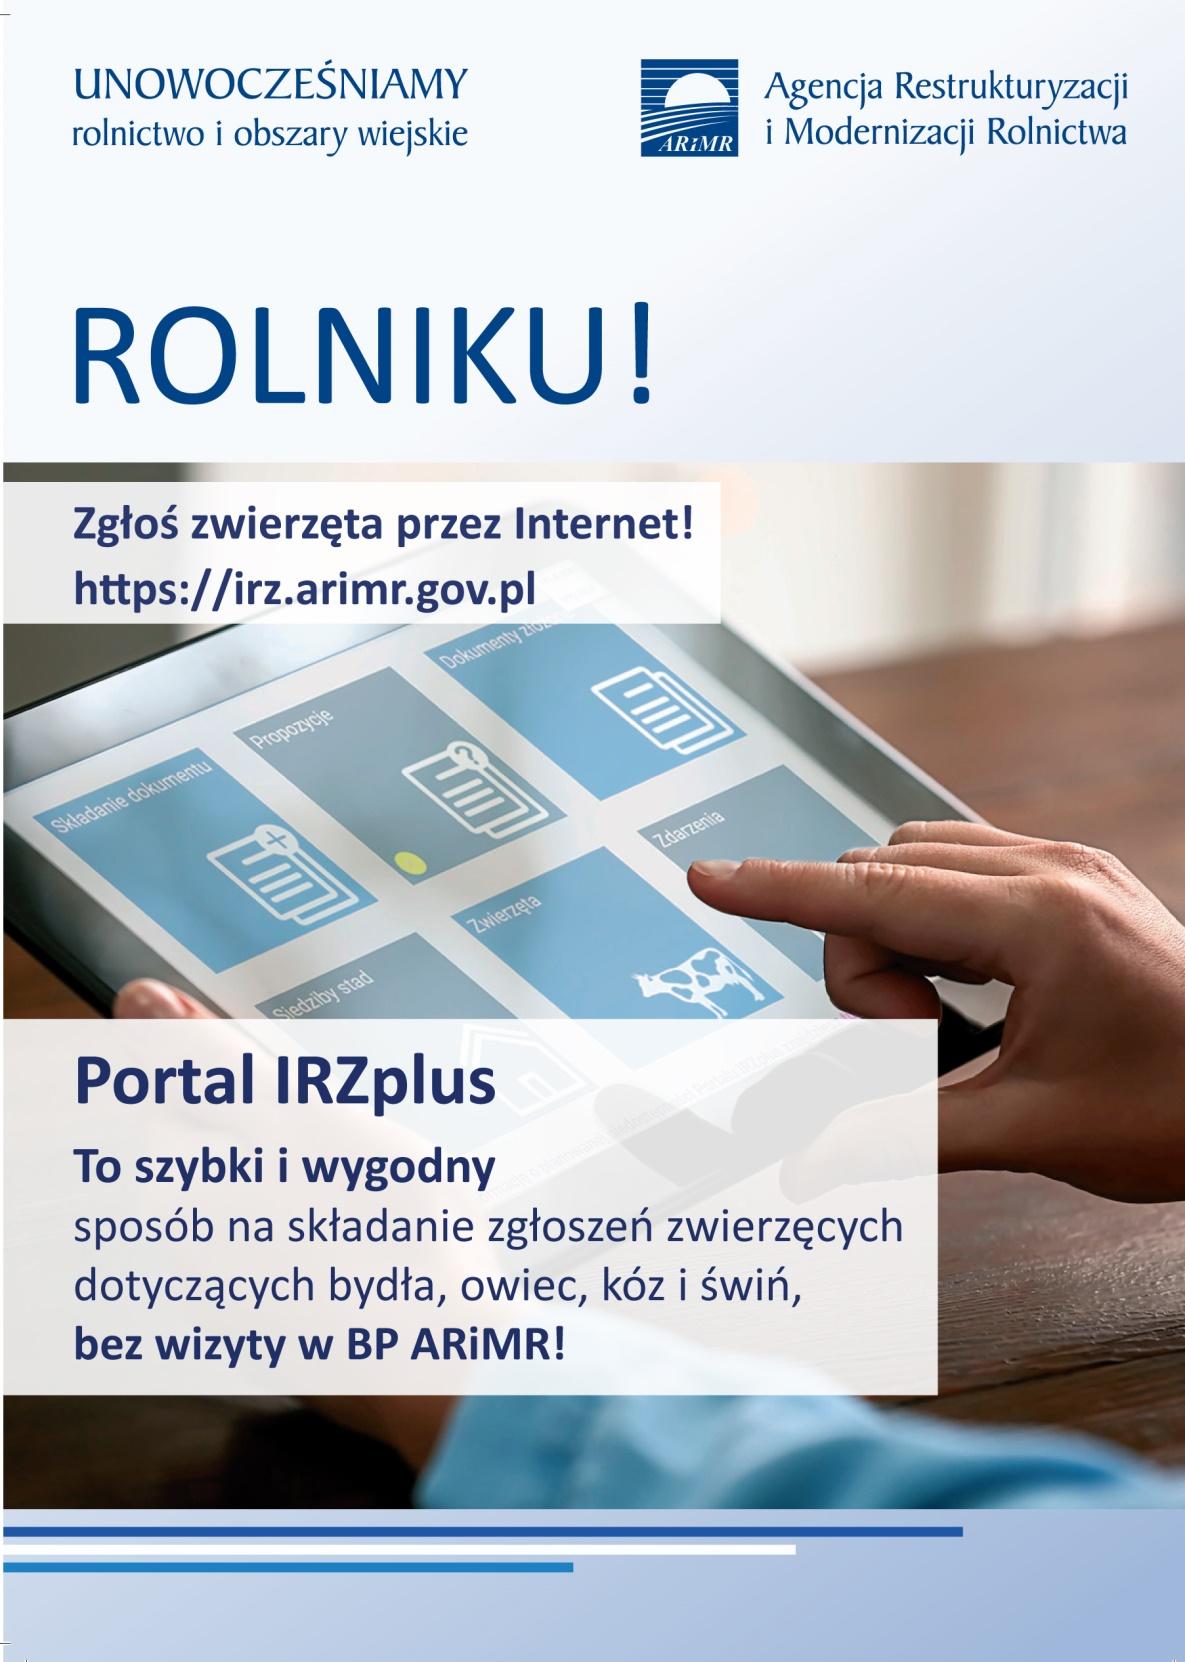 Portal IRZ Małopolski Oddział Regionalny ARiMR ogłasza konkurs dla użytkowników portalu IRZplus.